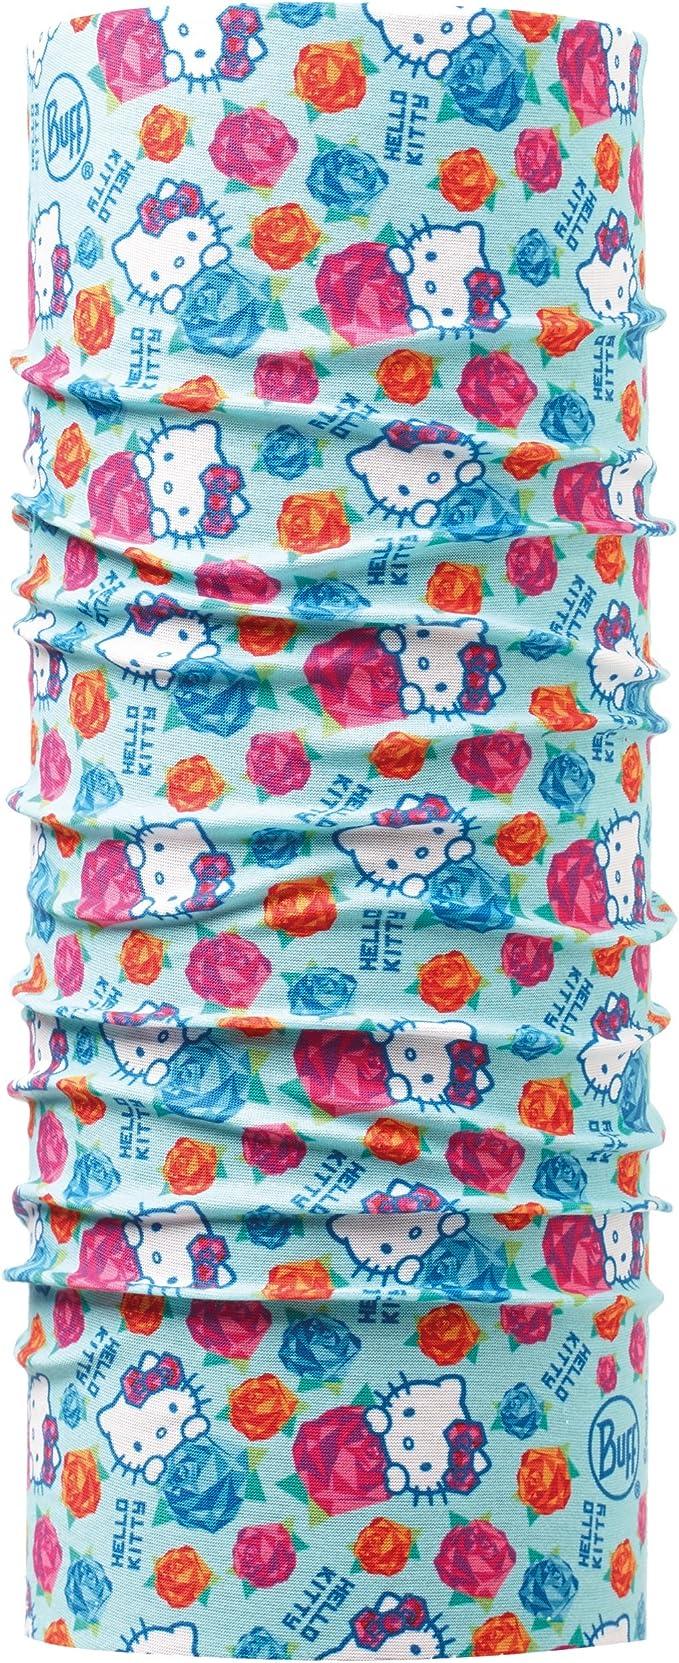 Multifunktionstuch Schlauchtuch Schlauchschal Kinder BUFF Hello Kitty HELLO